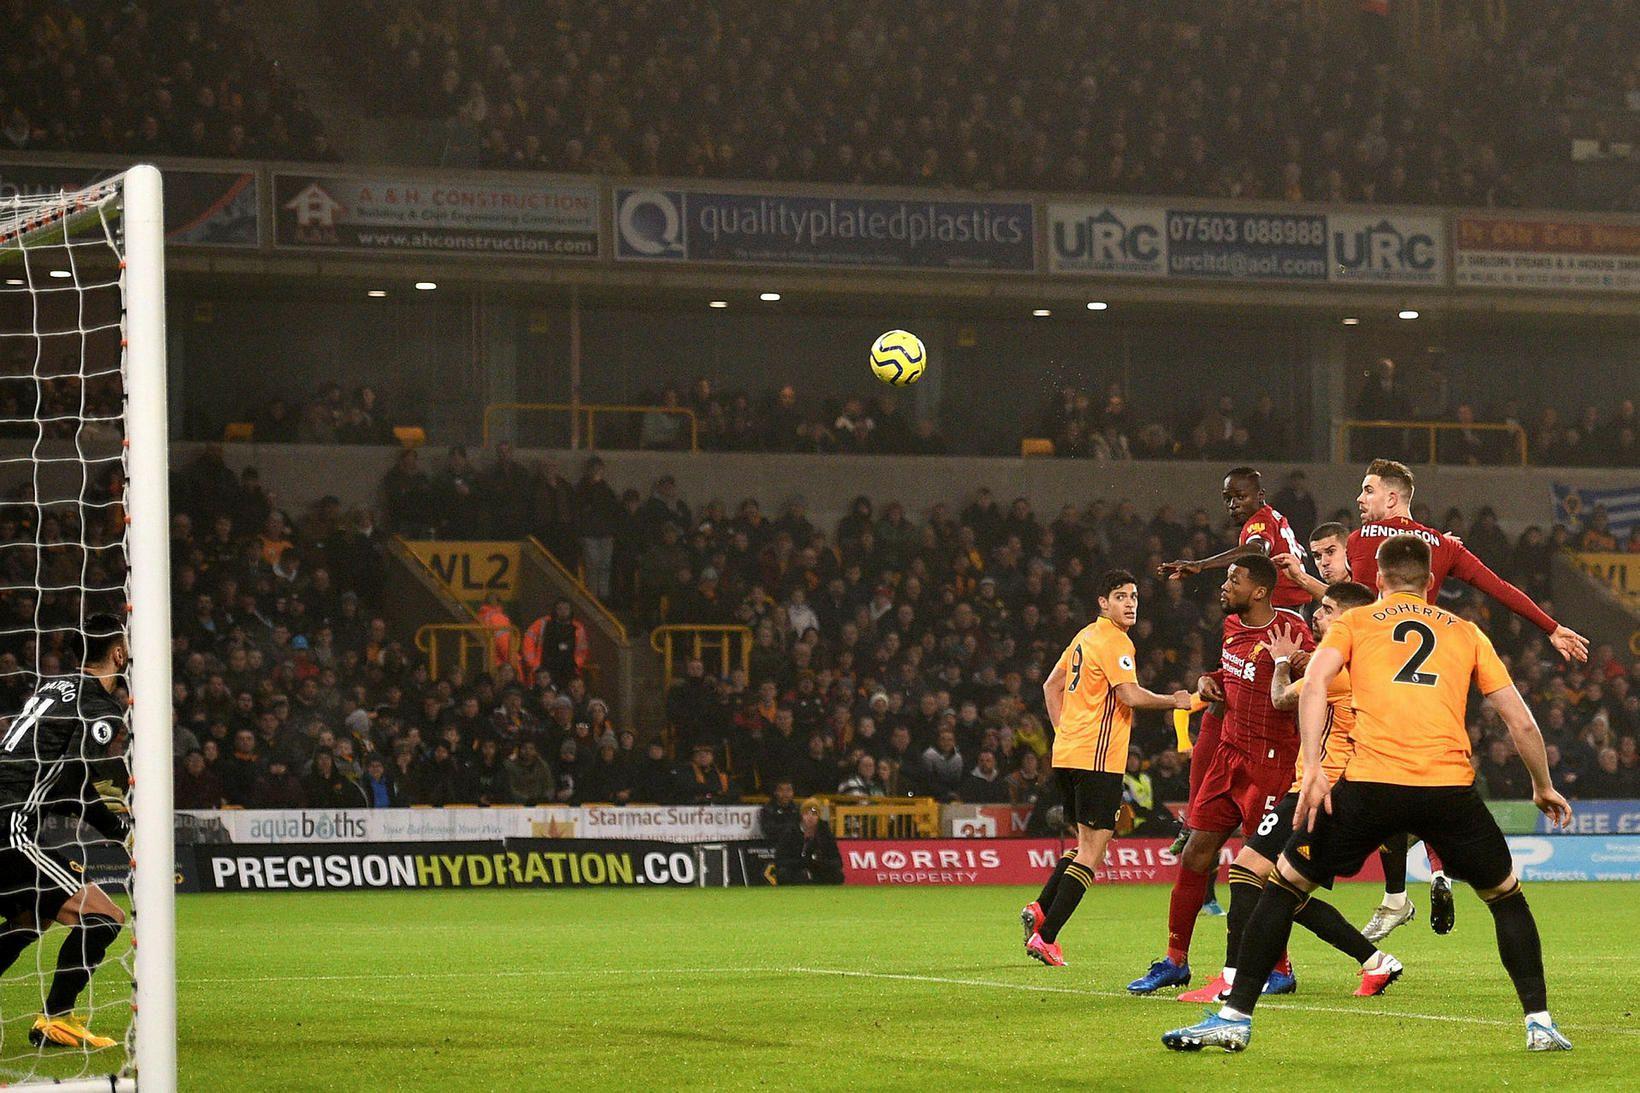 Jordan Henderson kemur Liverpool yfir með skalla á 8. mínútu …